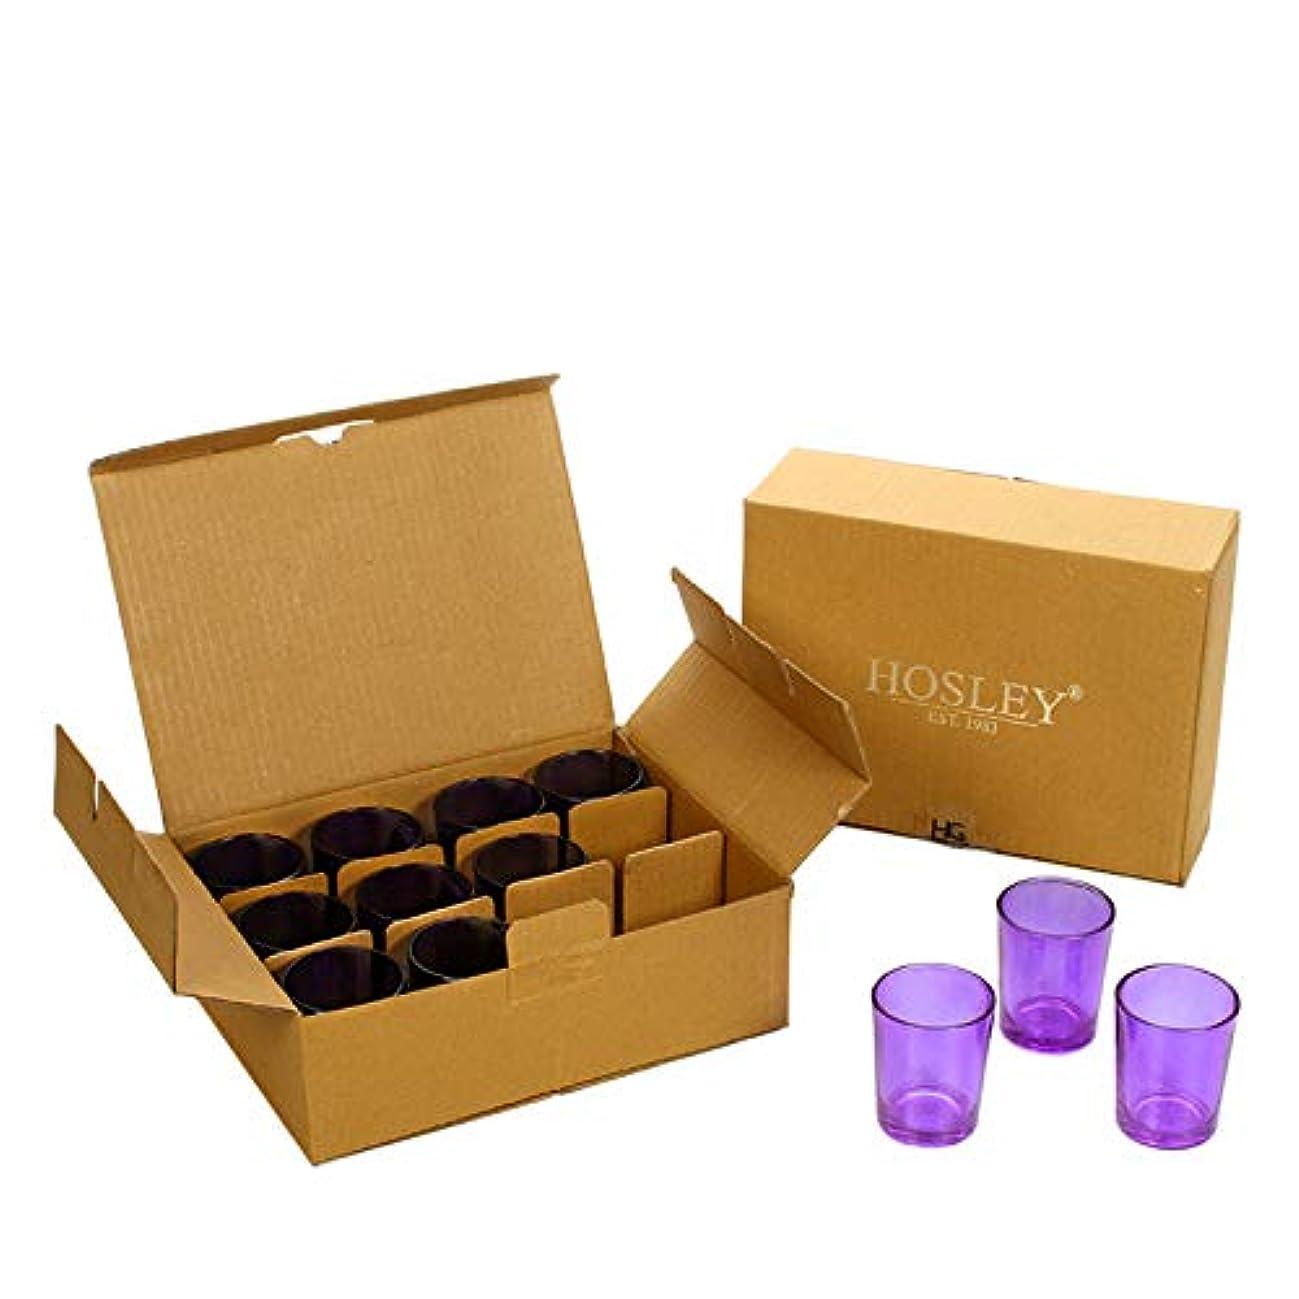 ジェット急ぐ収入Hosley's Set of 24 Purple Glass Votive/Tea Light Holders. Ideal for Weddings, Parties, Spa & Aromatherapy, Votive...